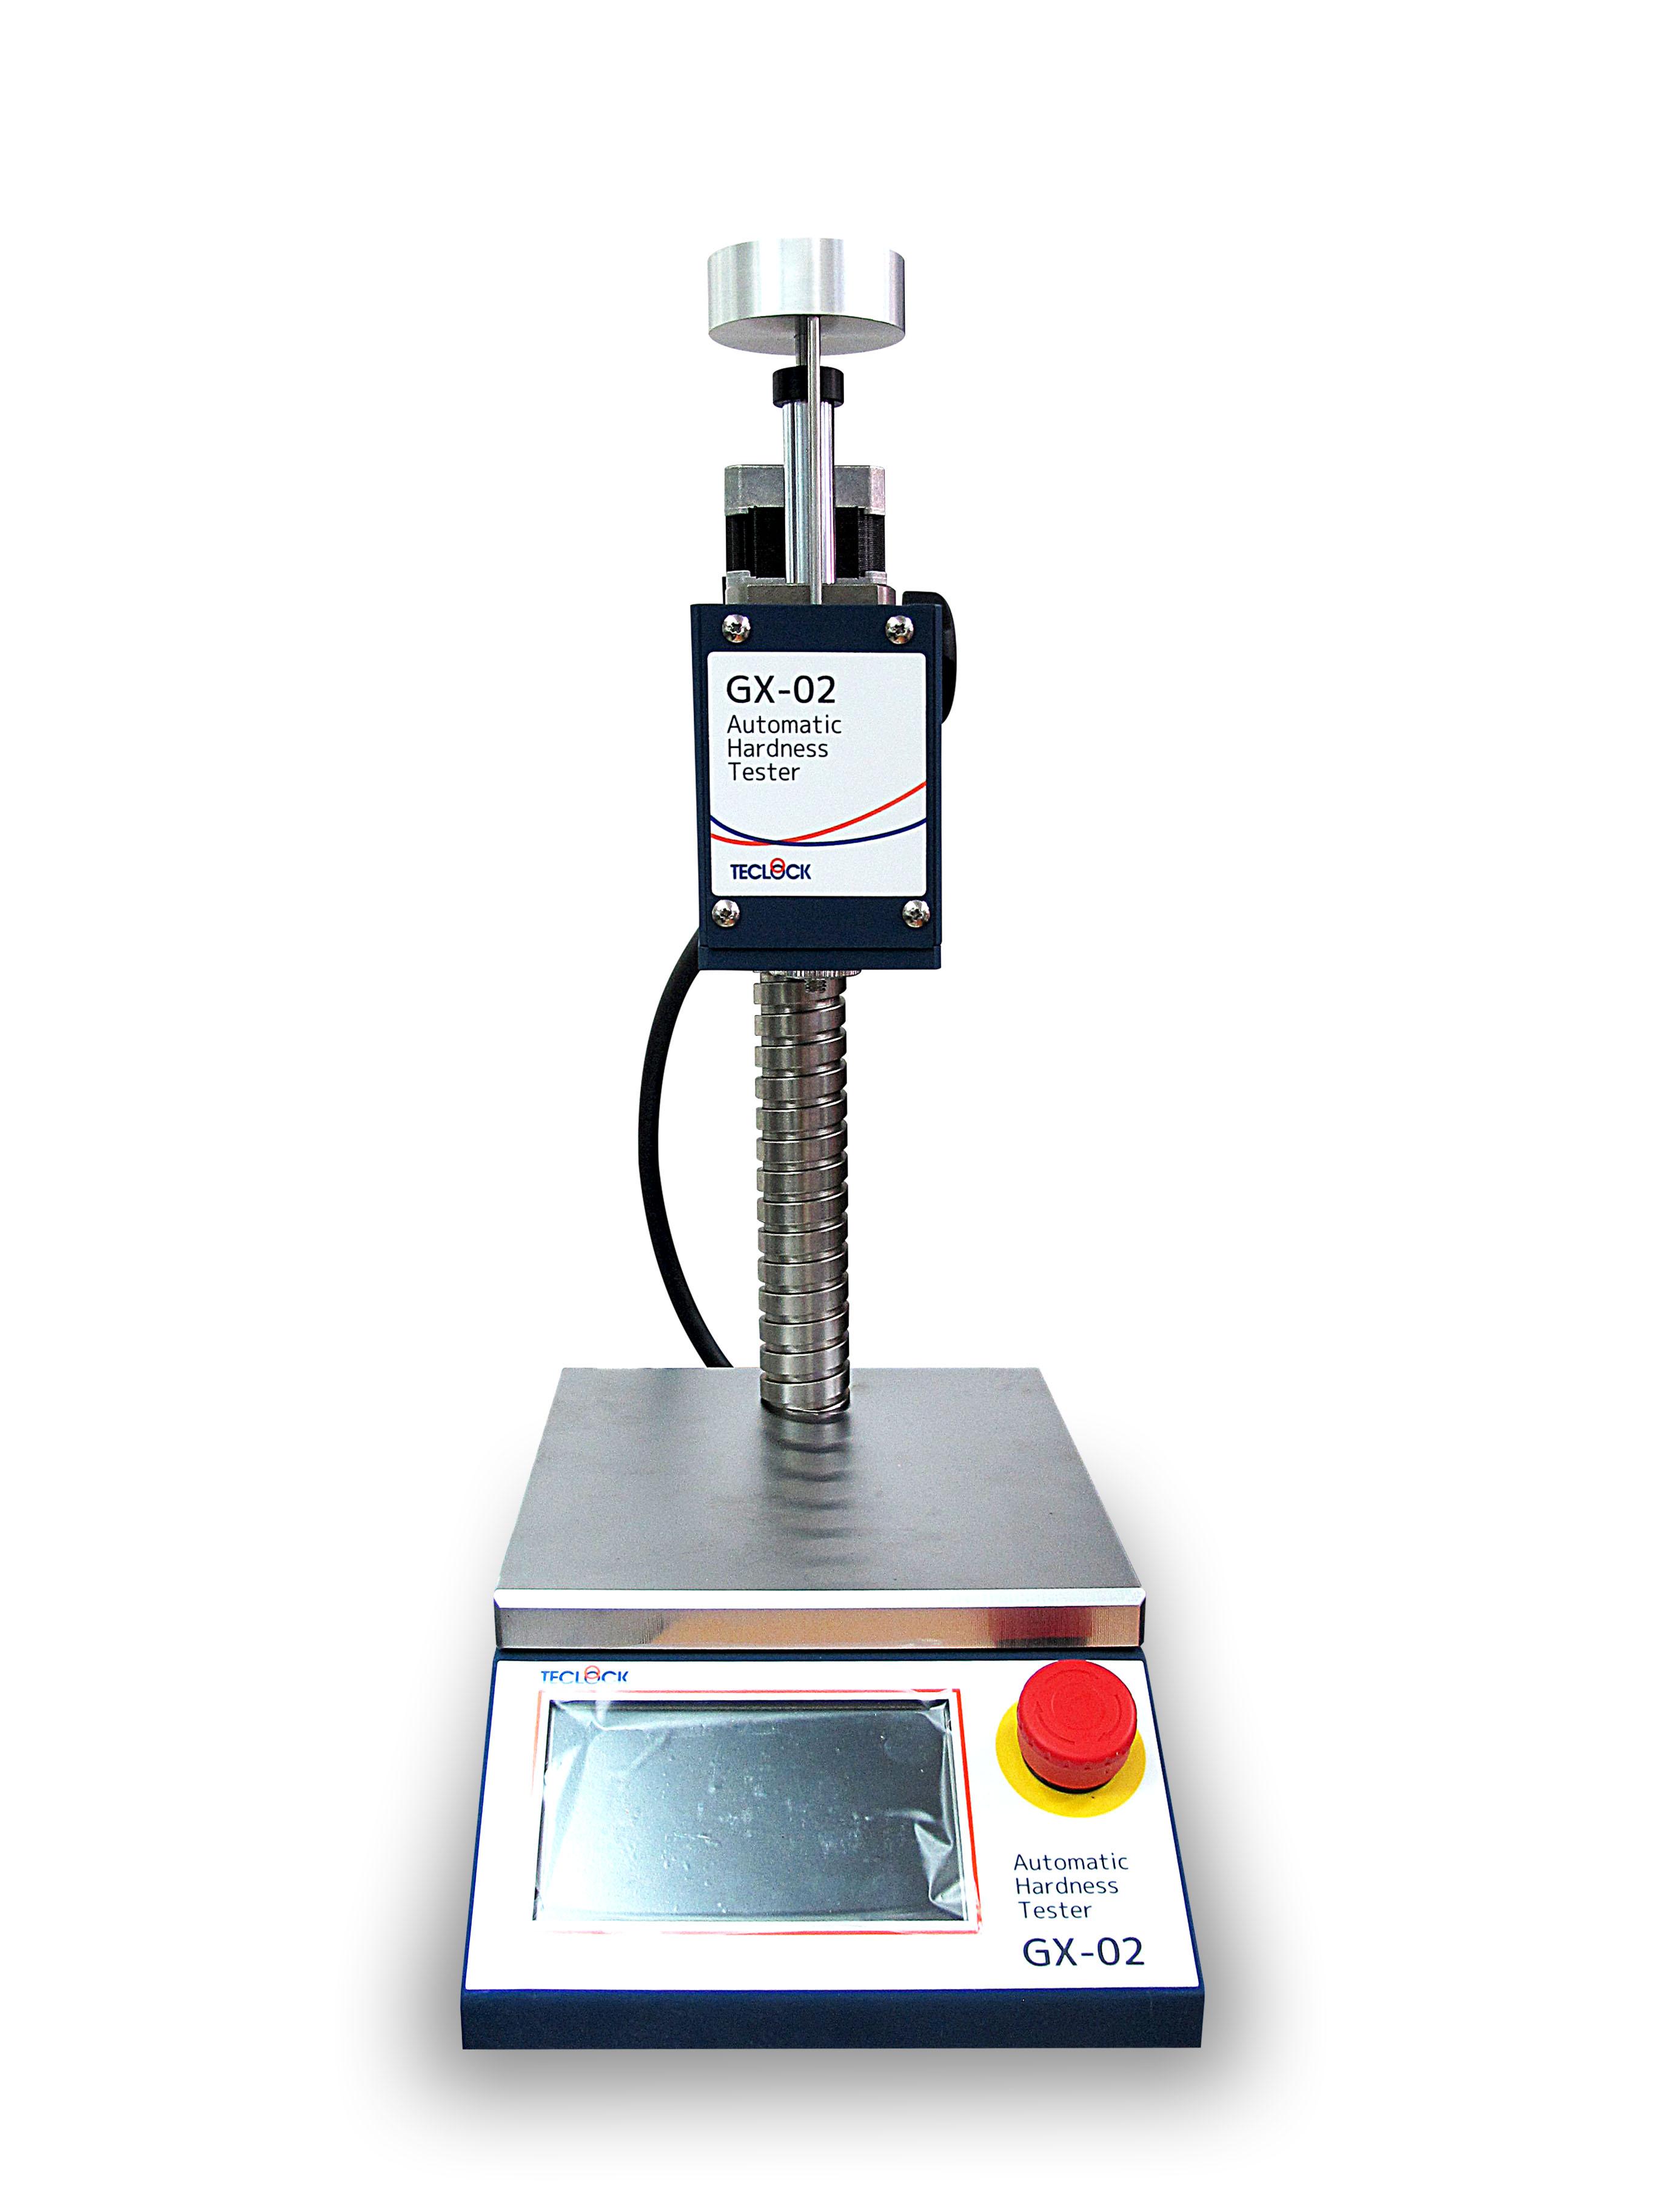 เครื่องทดสอบความแข็งยาง - Automatic Hardness Tester (GX-02 Series) Teclock